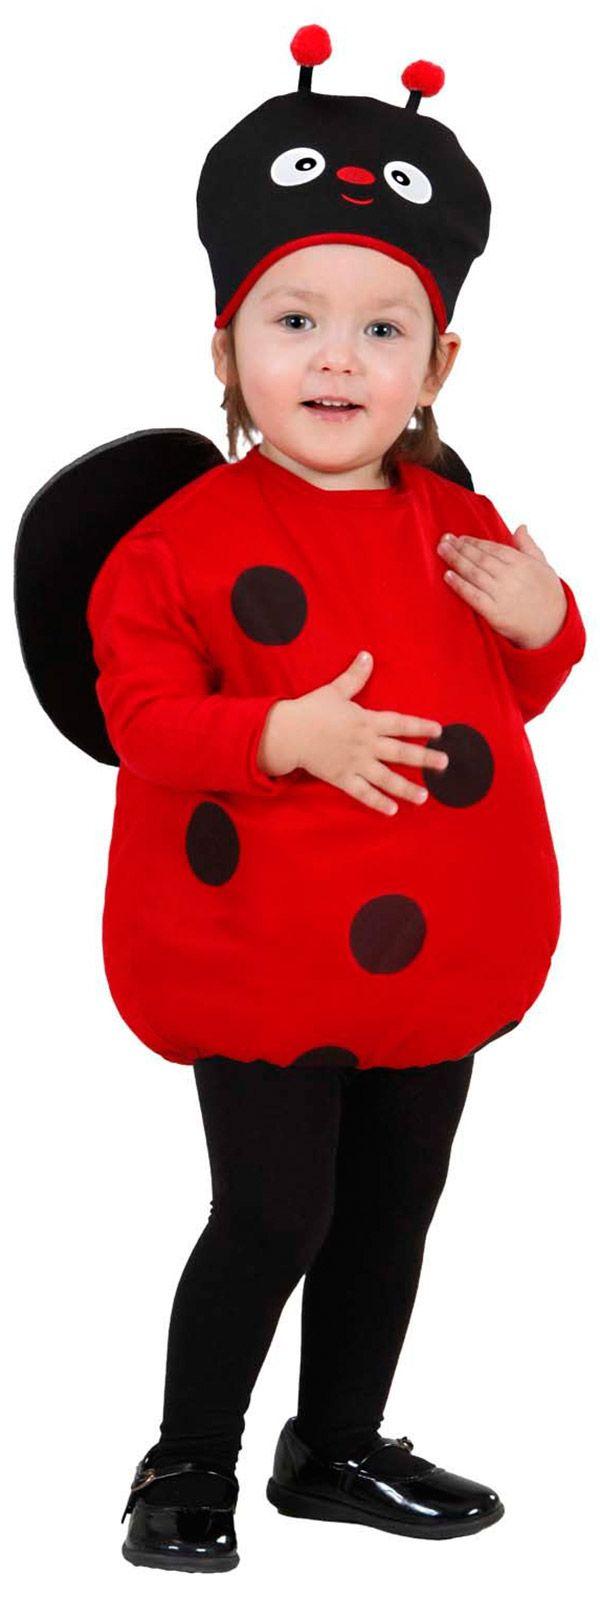 Disfraz de mariquita: Este disfraz de mariquita para niños y niñas está copmuesto por un mono sin mangas y una cofia (medias y zapatos no incluidos). El mono es de color rojo, con topos negros y alas...